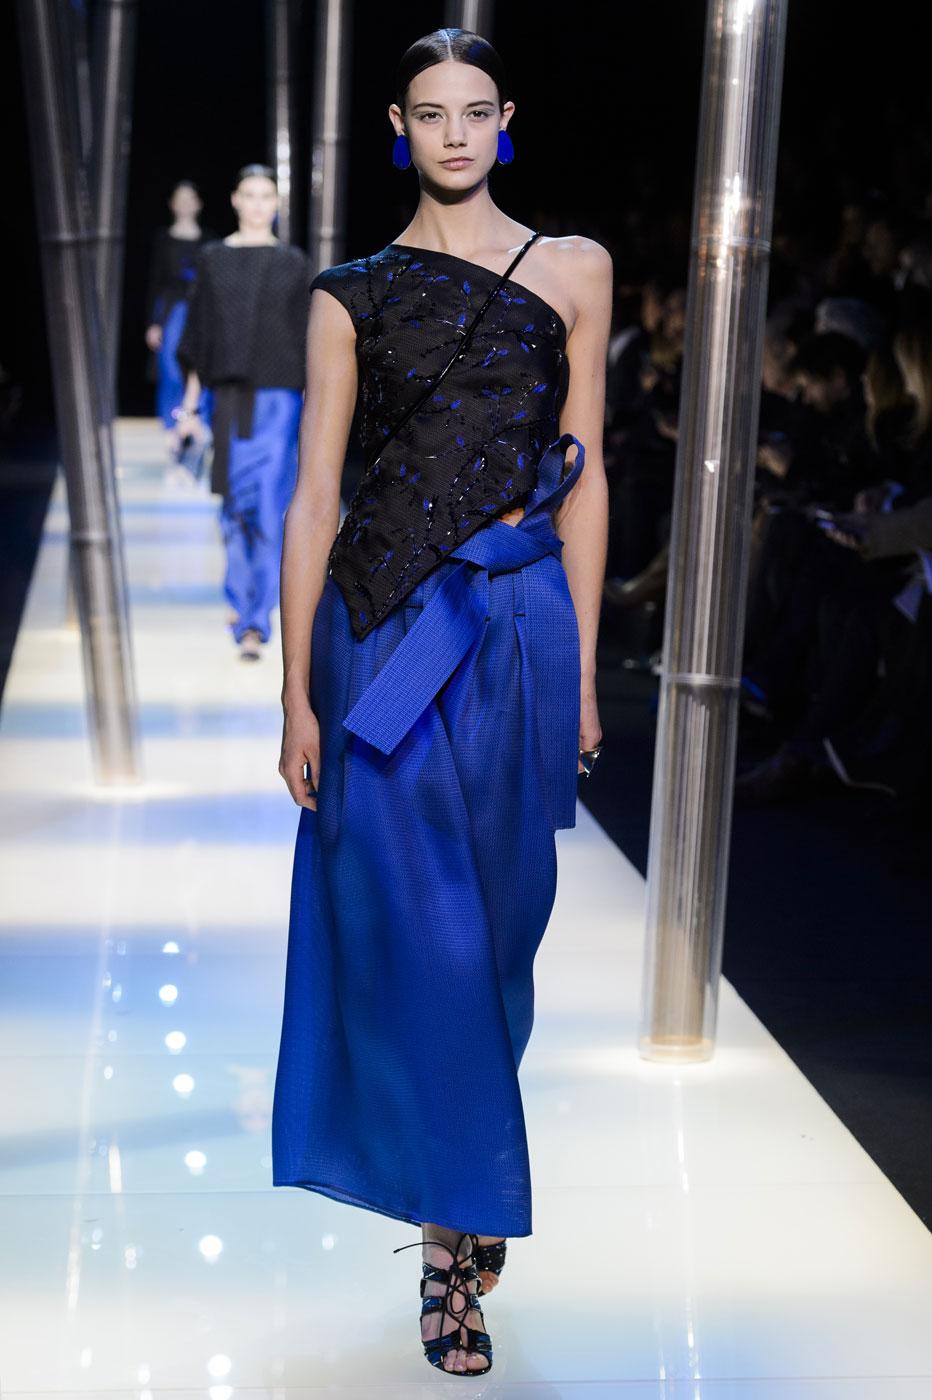 Giorgio-armani-Prive-fashion-runway-show-haute-couture-paris-spring-2015-the-impression-127